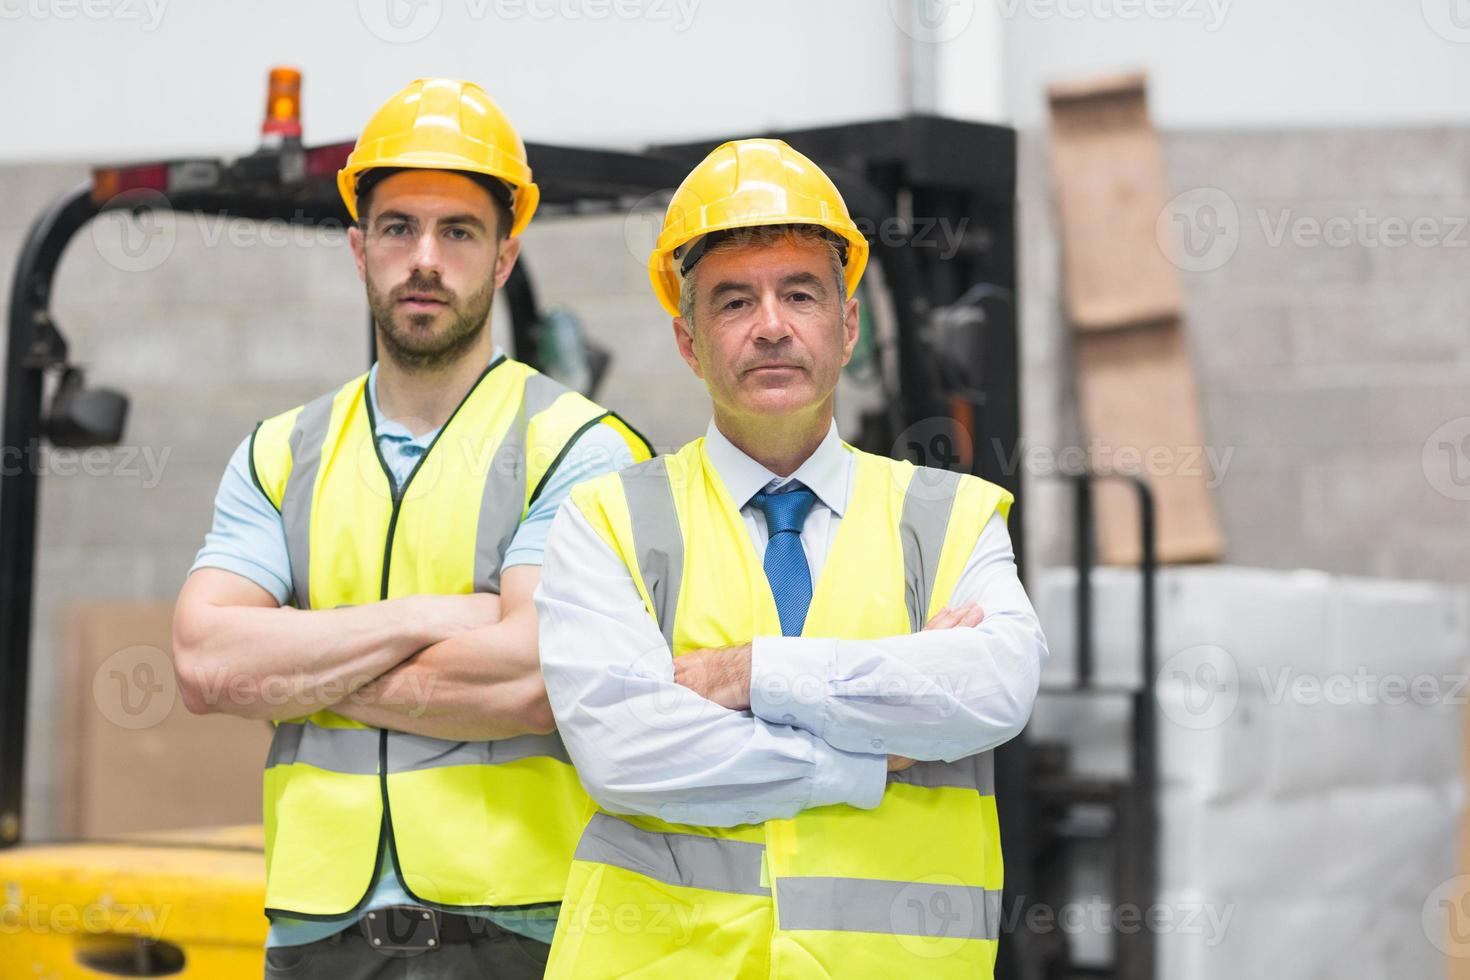 chef med korsade armar och hans kollega bakom sig foto